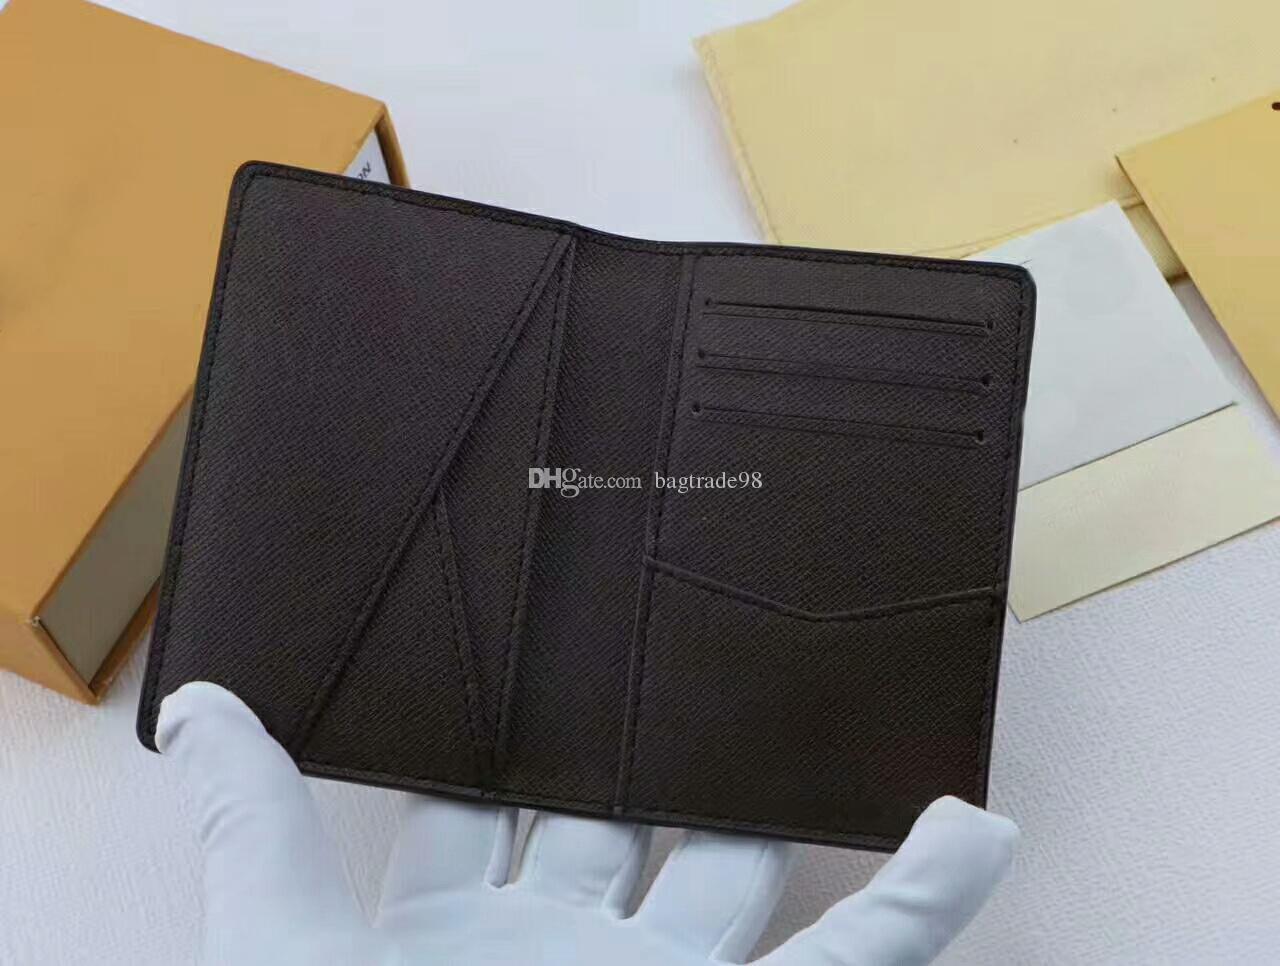 브랜드 PASSPORT COVER 유명한 디자이너 card holder NM 남성 남성 / 여성 카드 홀더 N63144 이드 지갑 폴더 형 지갑 CX # 3 가방 먼지 봉투 포함